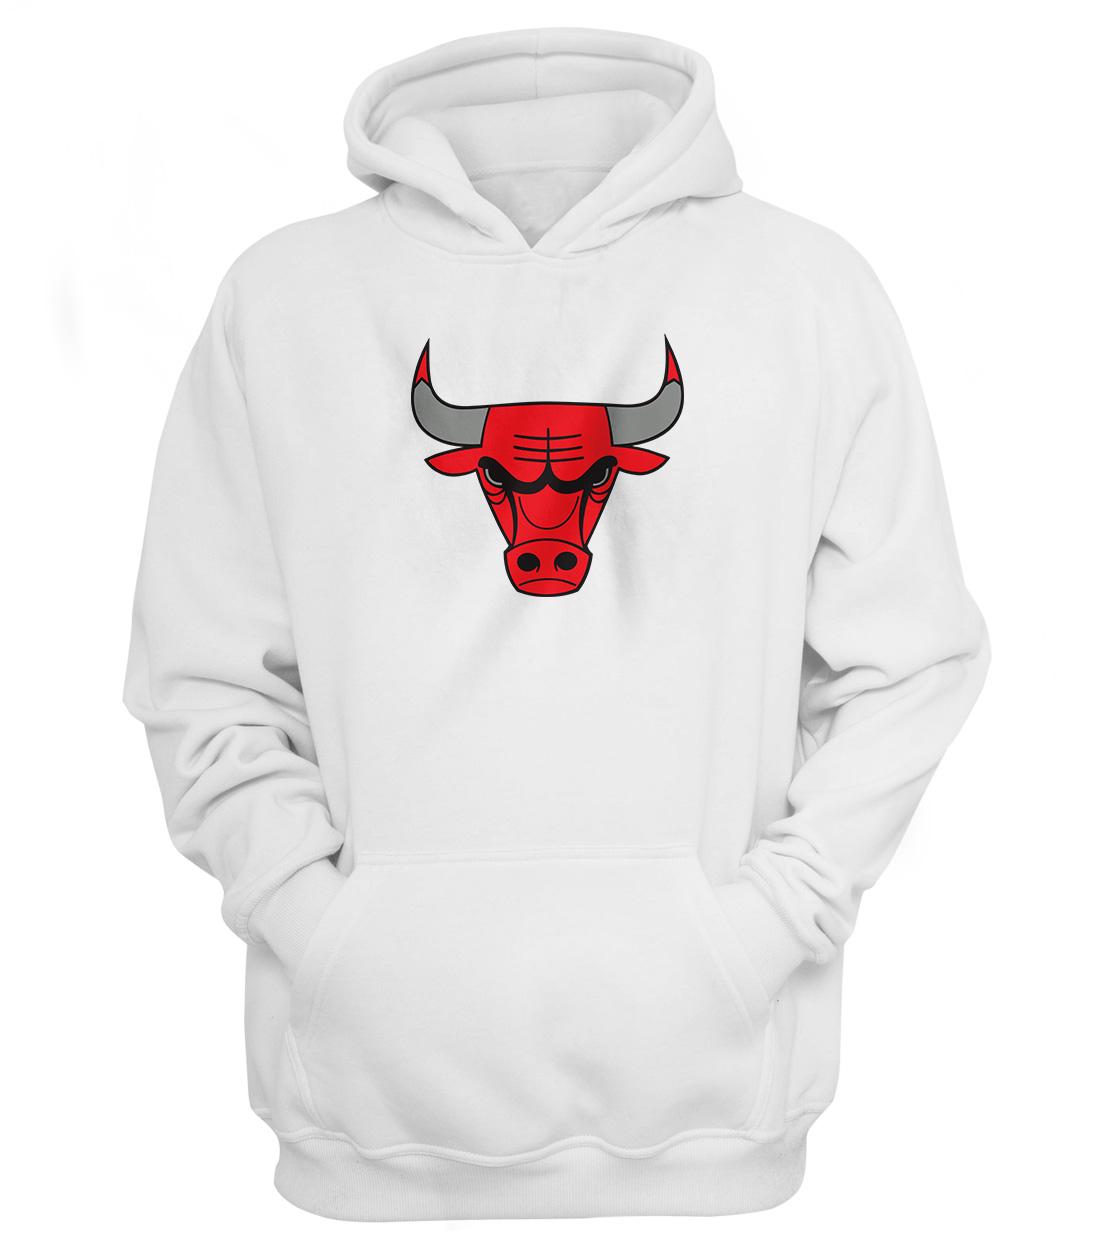 Chicago Bulls Hoodie (HD-WHT-NP-46-NBA-CHİ-LOGO)